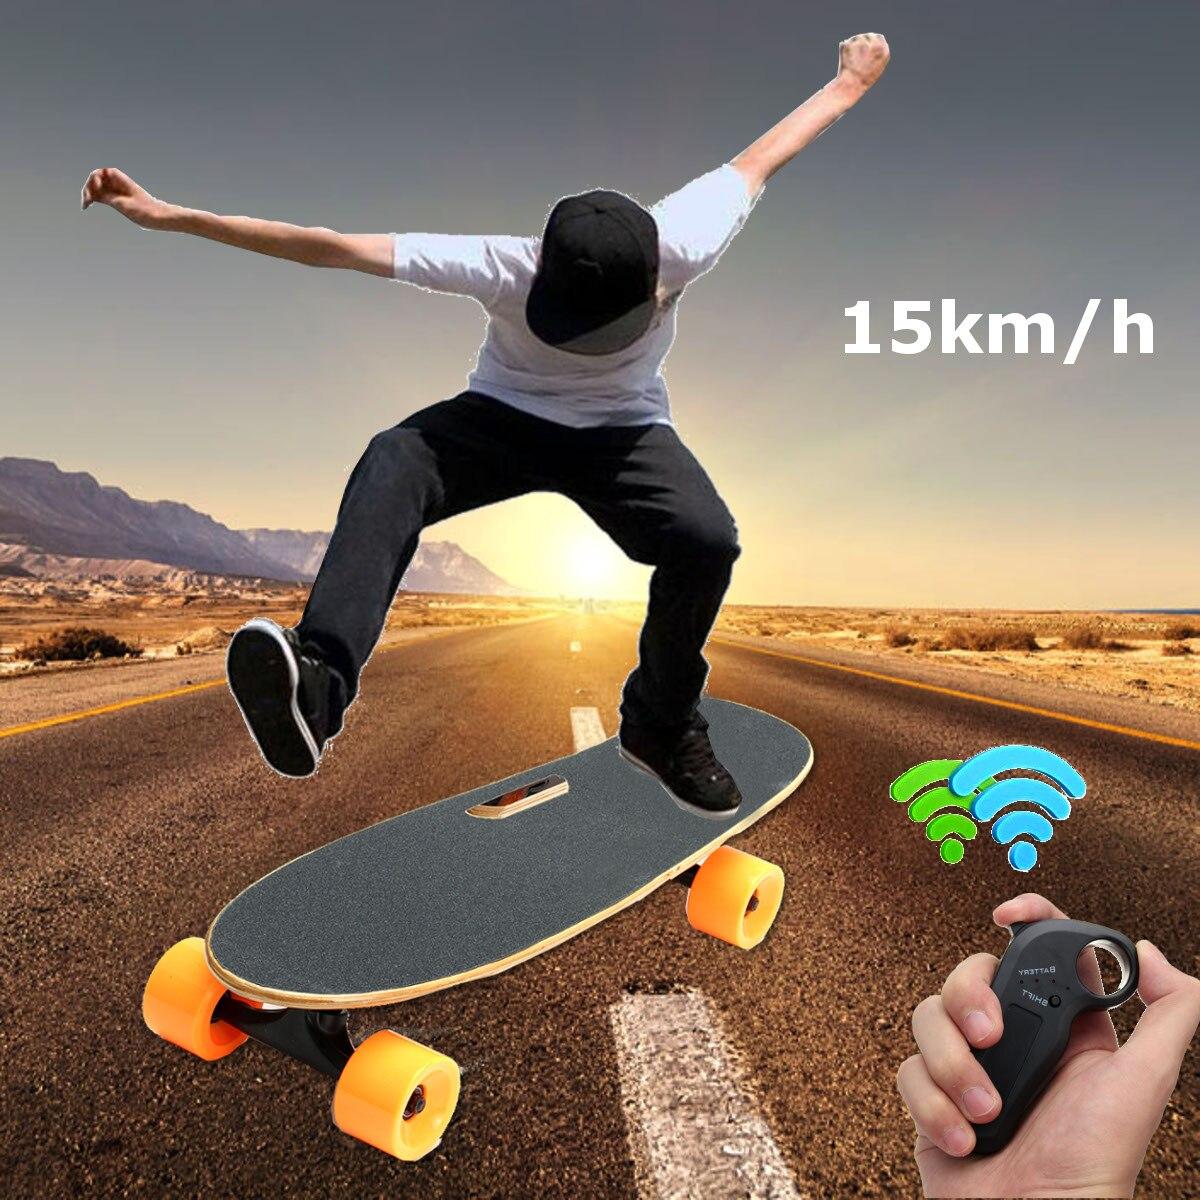 Nouveau planche à roulettes électrique Longboard 4 roues sans fil télécommande planche à roulettes